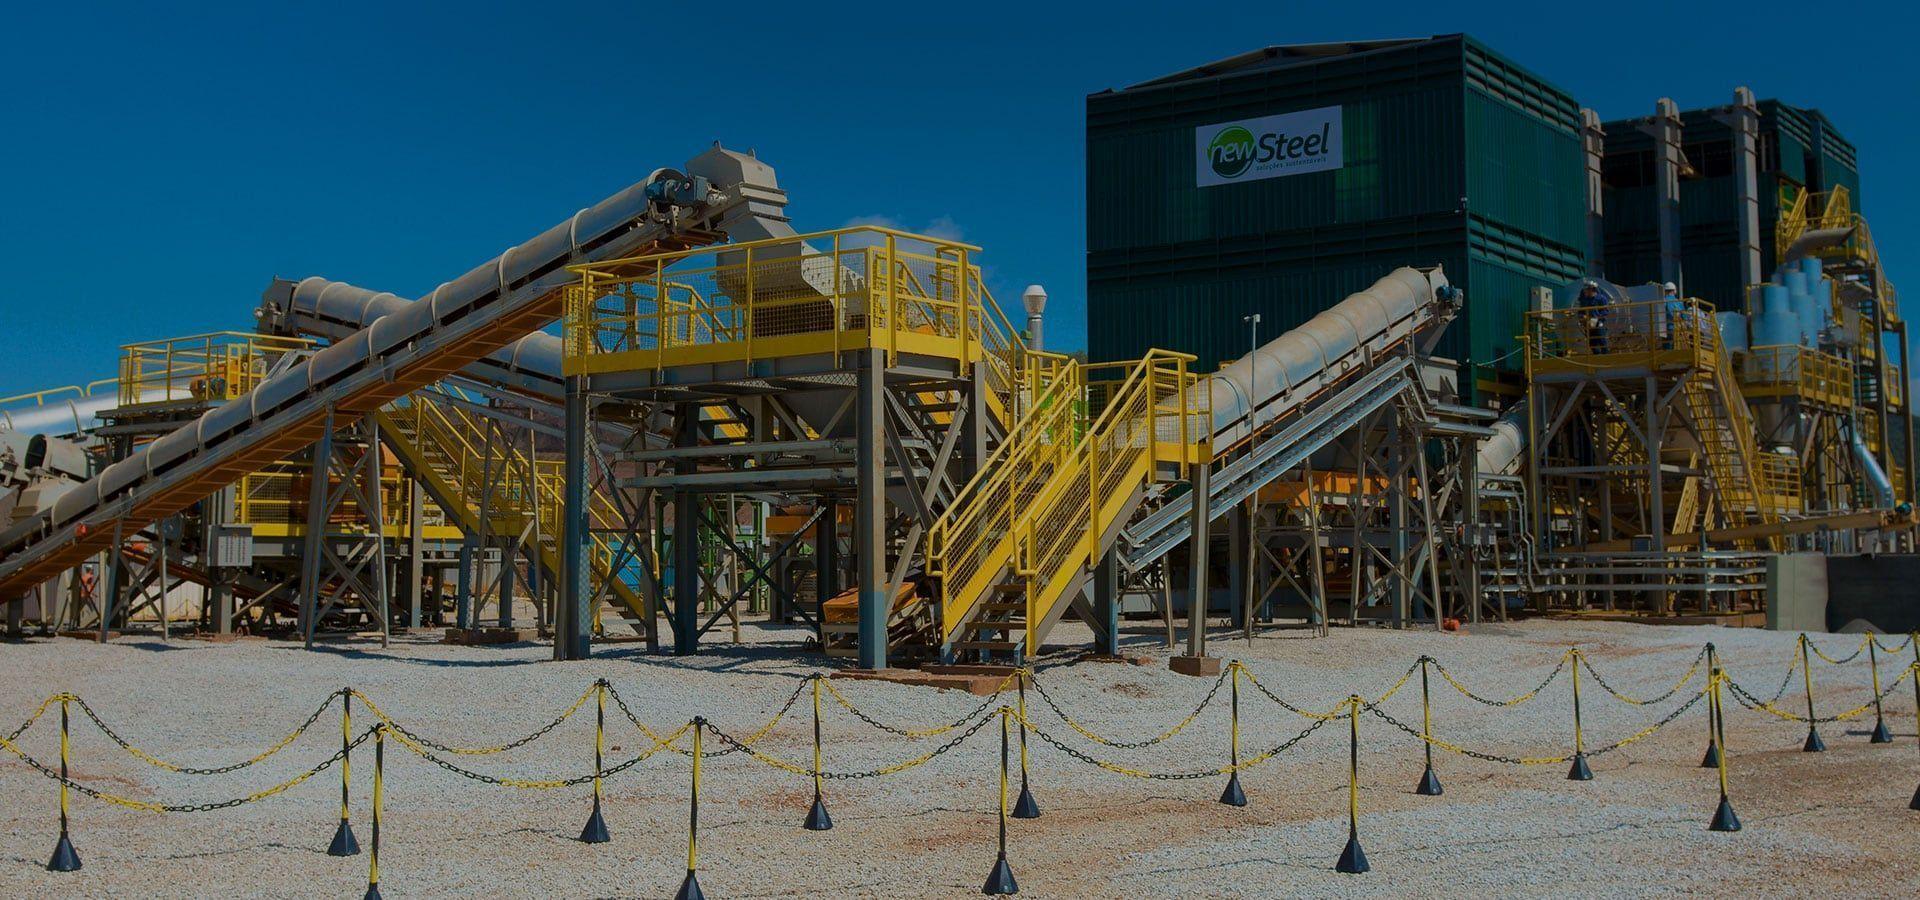 new steel, vagas de emprego, engenheiro, rio de janeiro, mineração, metais